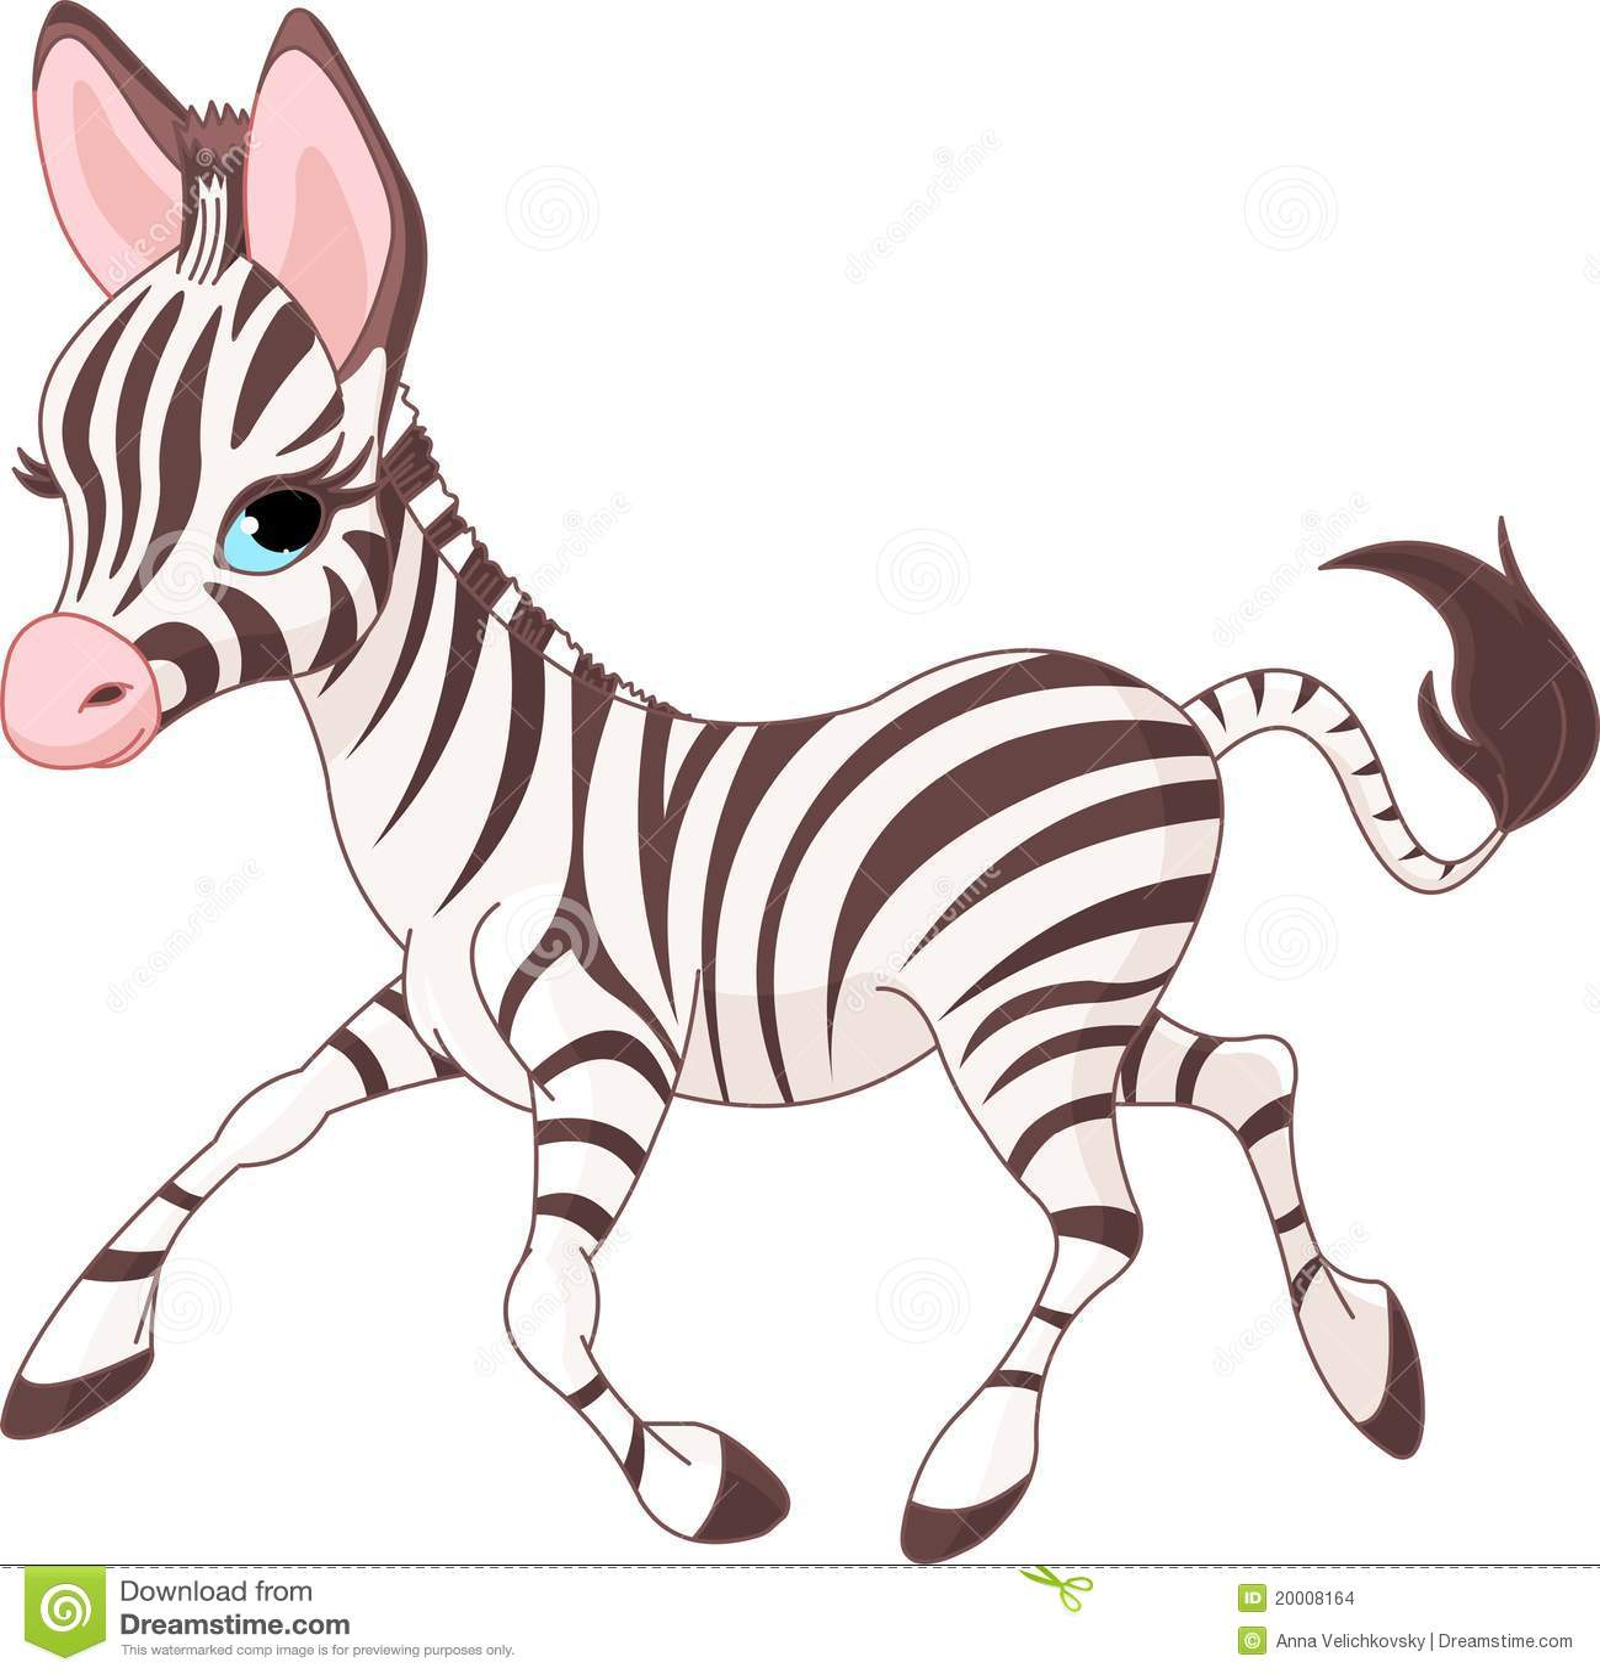 cute running baby zebra stock vector illustration of zebra print border clipart zebra print heart clipart